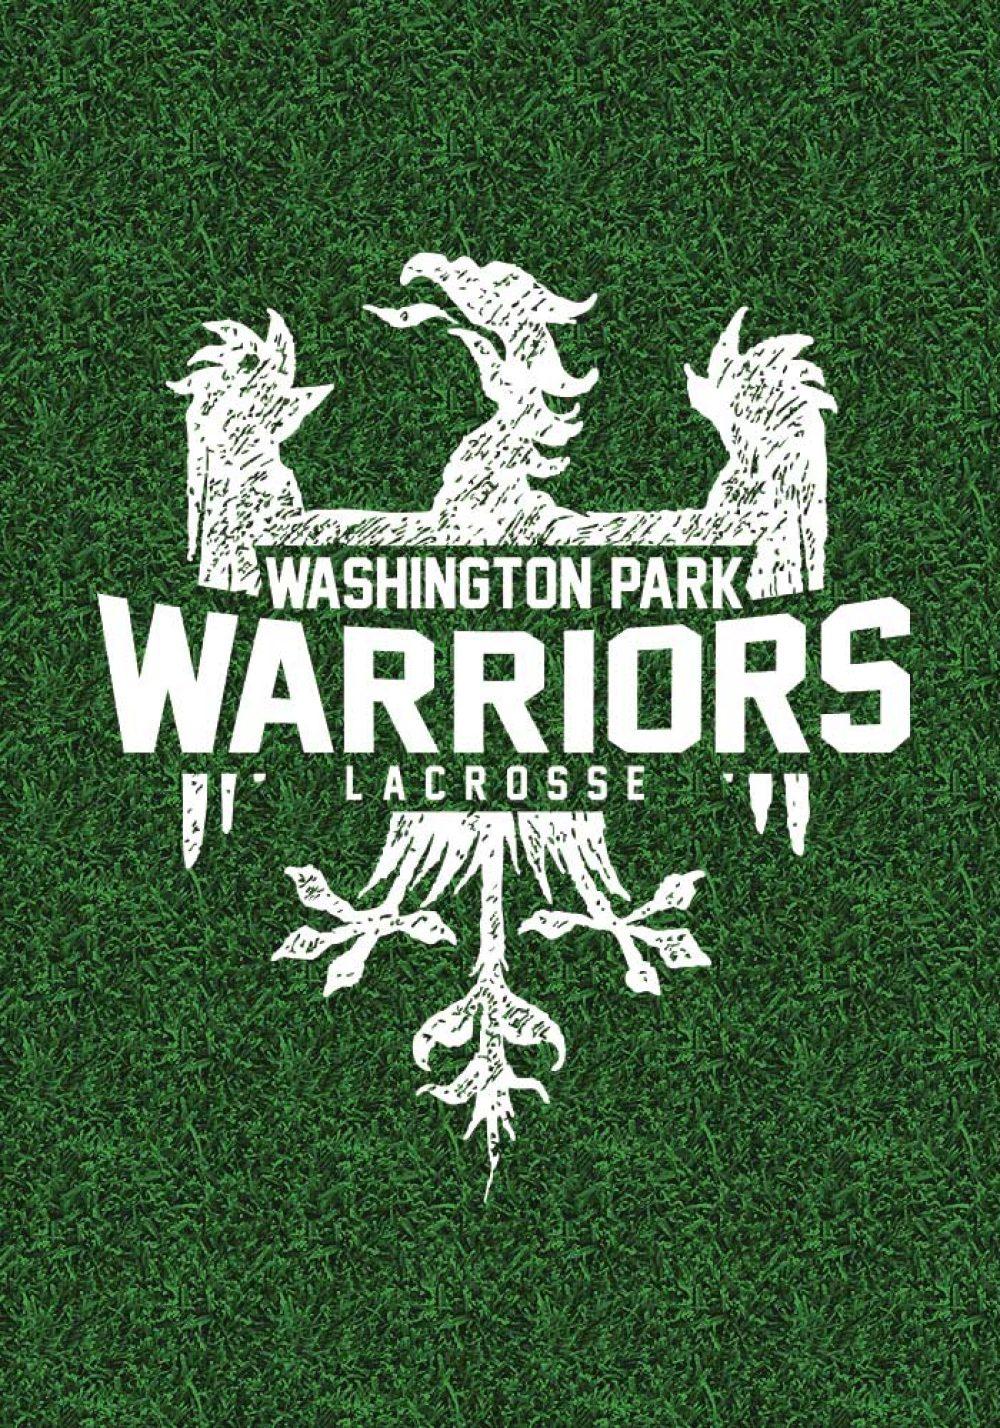 Wash Park Lacrosse Logo